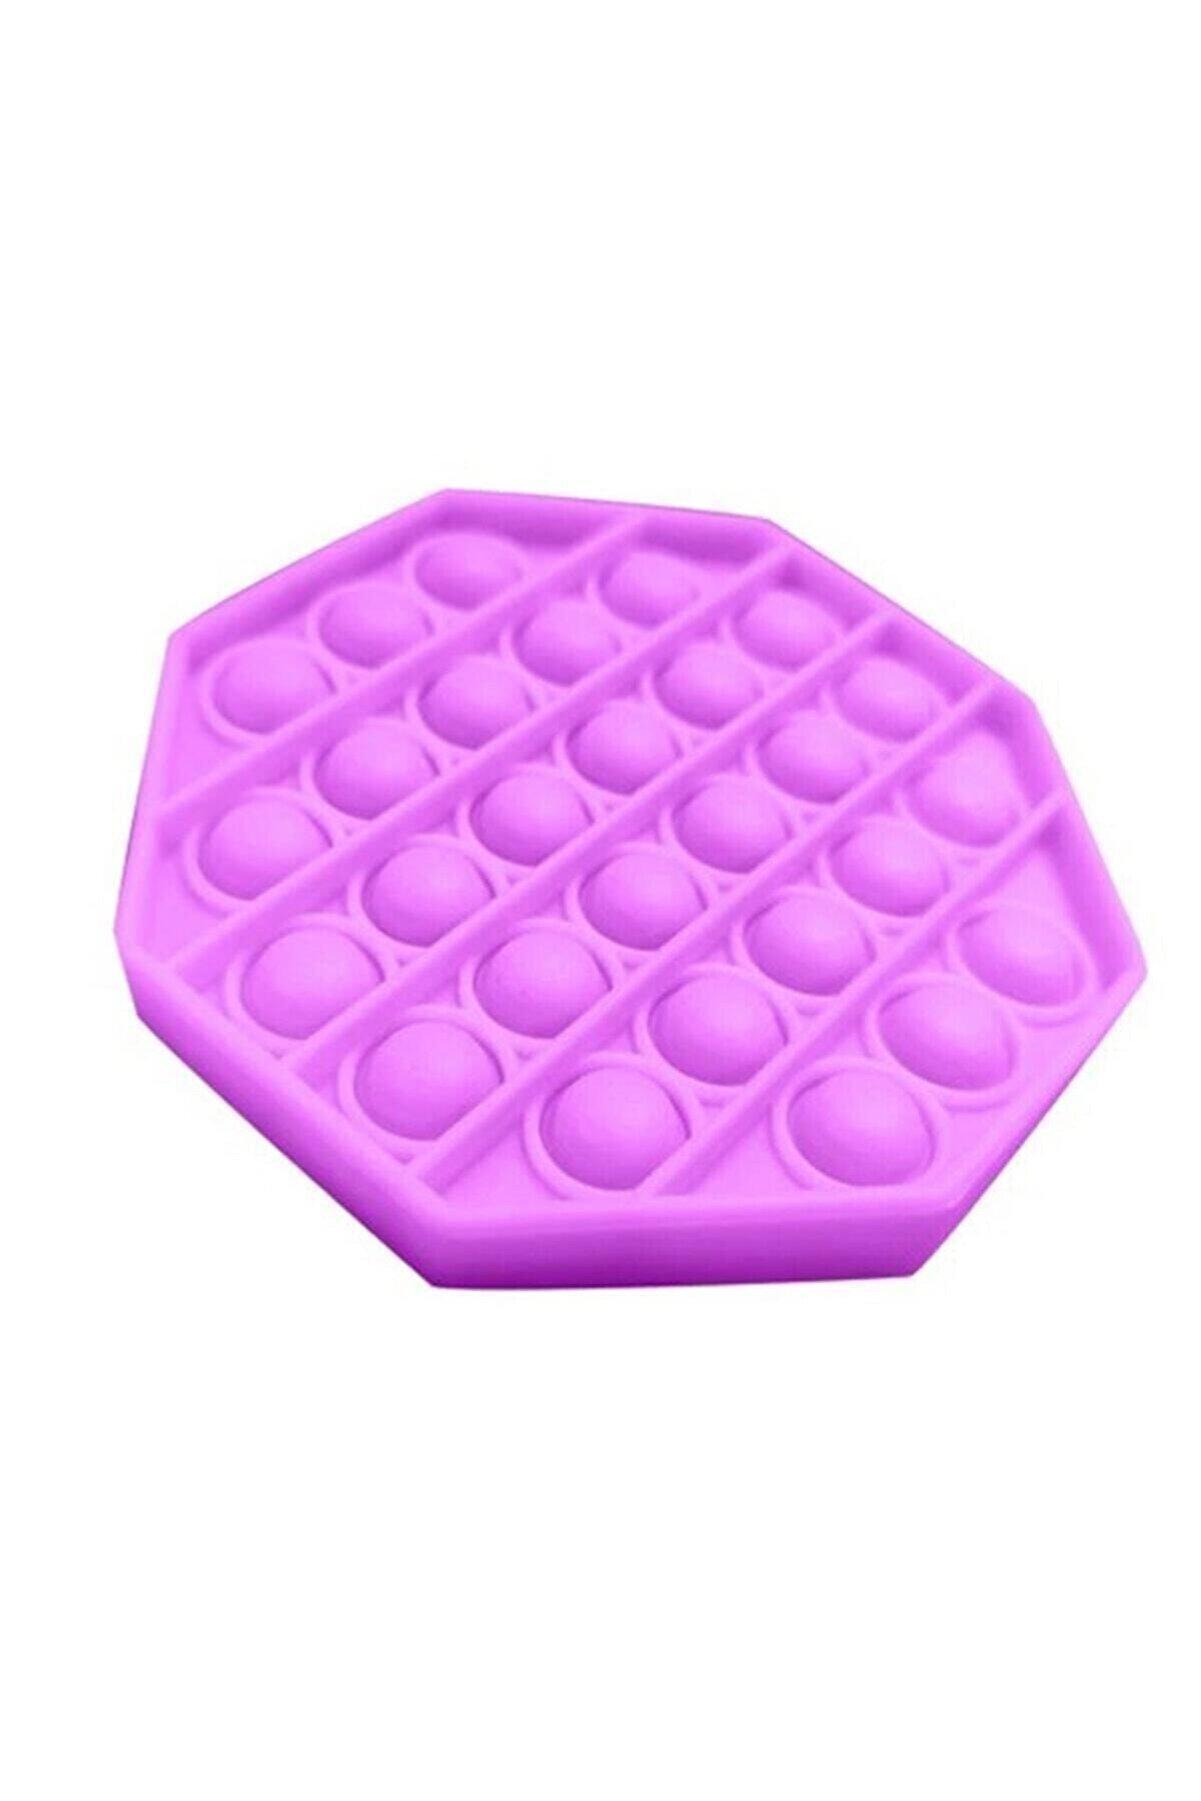 Başel Toys Pop It Push Bubble Fidget Özel Pop Duyusal Oyuncak Zihinsel Stres ( Mor Renk, Sekizgen )